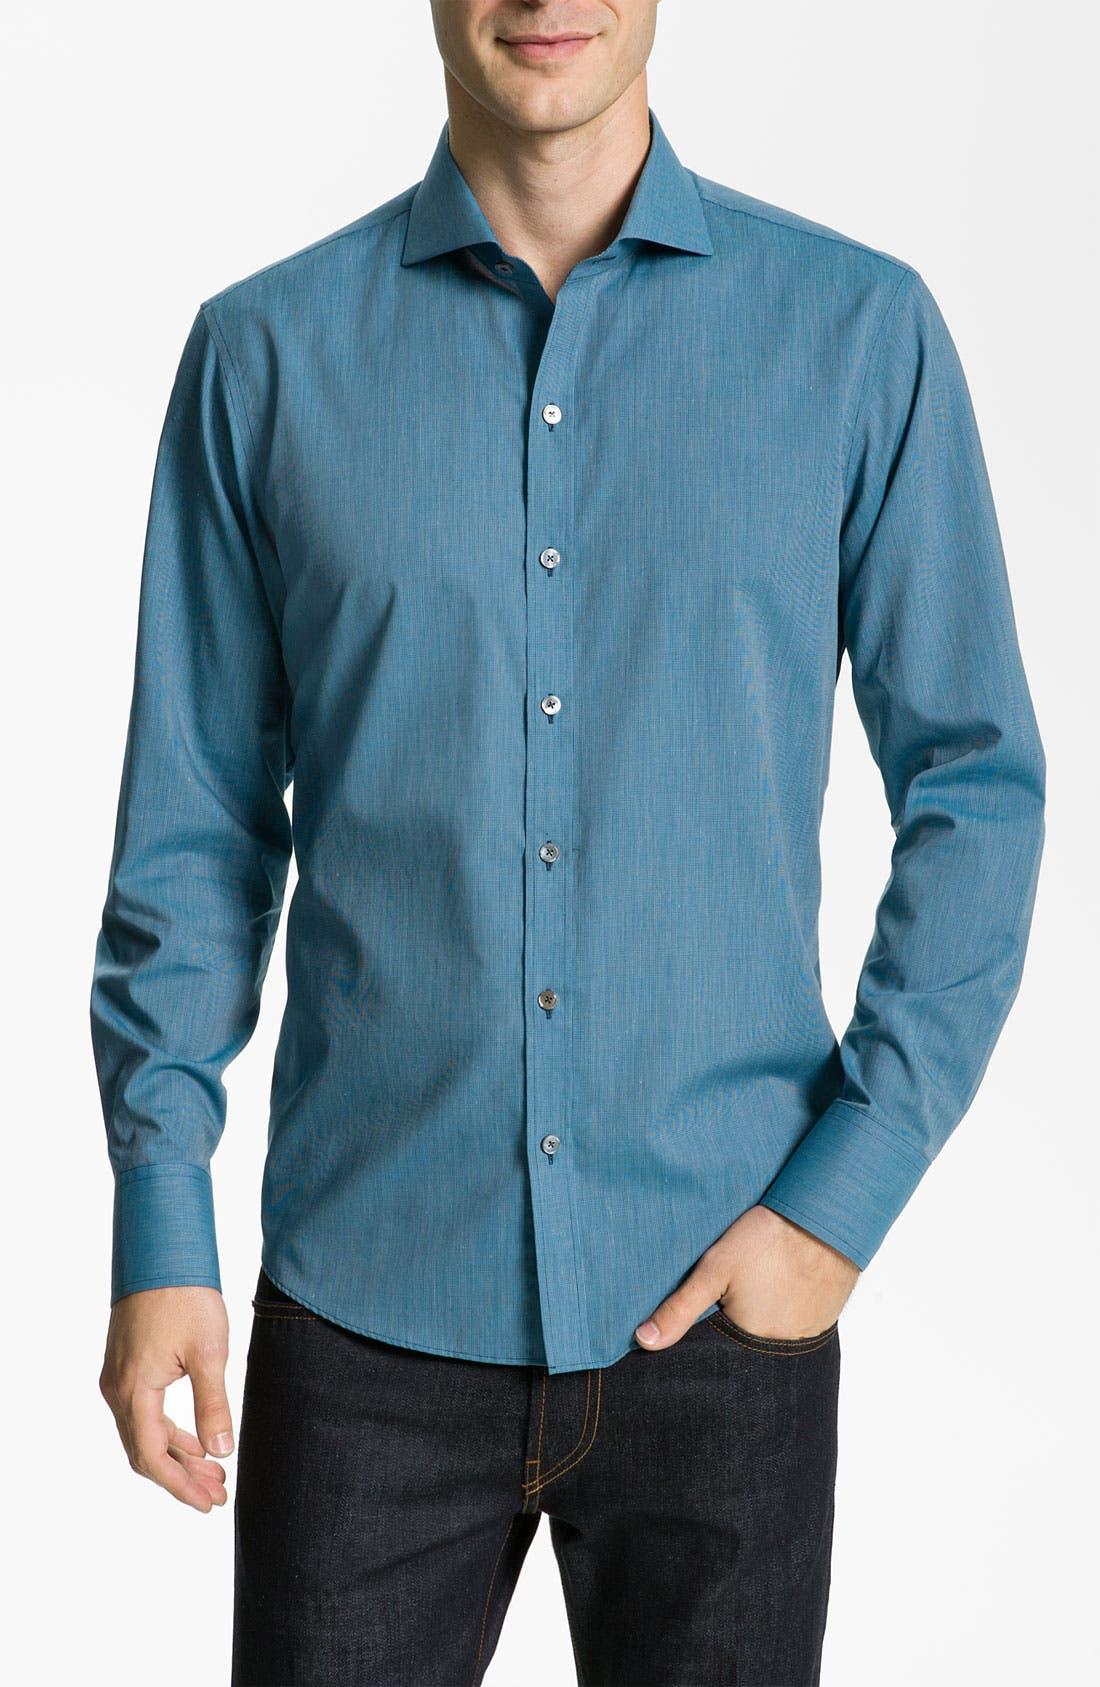 Main Image - Zachary Prell 'Andrisen' Sport Shirt